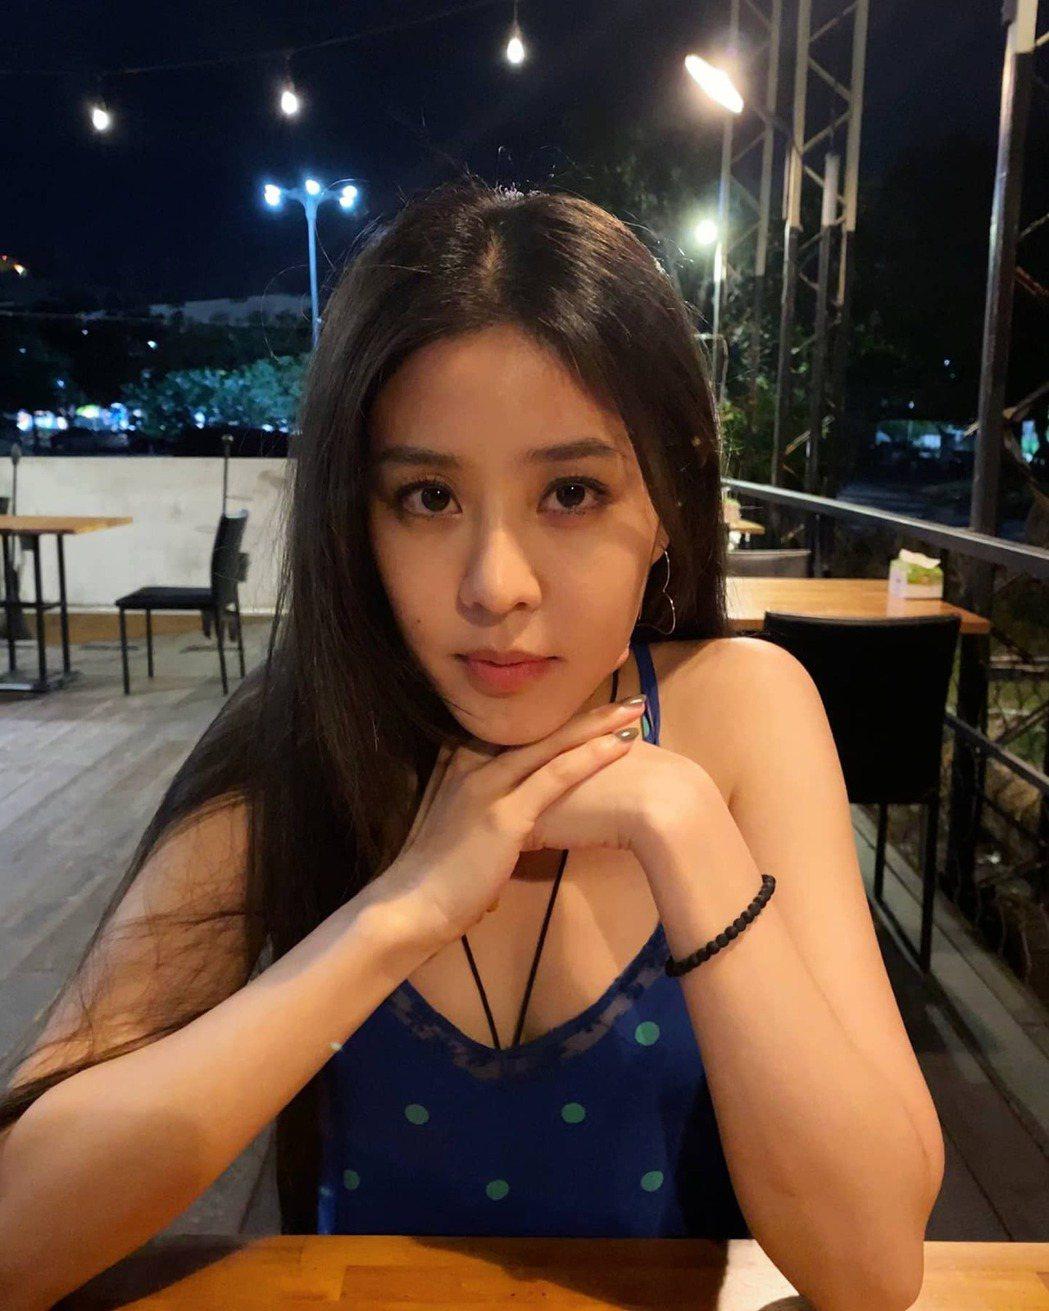 Erika(劉艾立)是蕭敬騰的師妹,如今結束合作關係。圖/摘自臉書